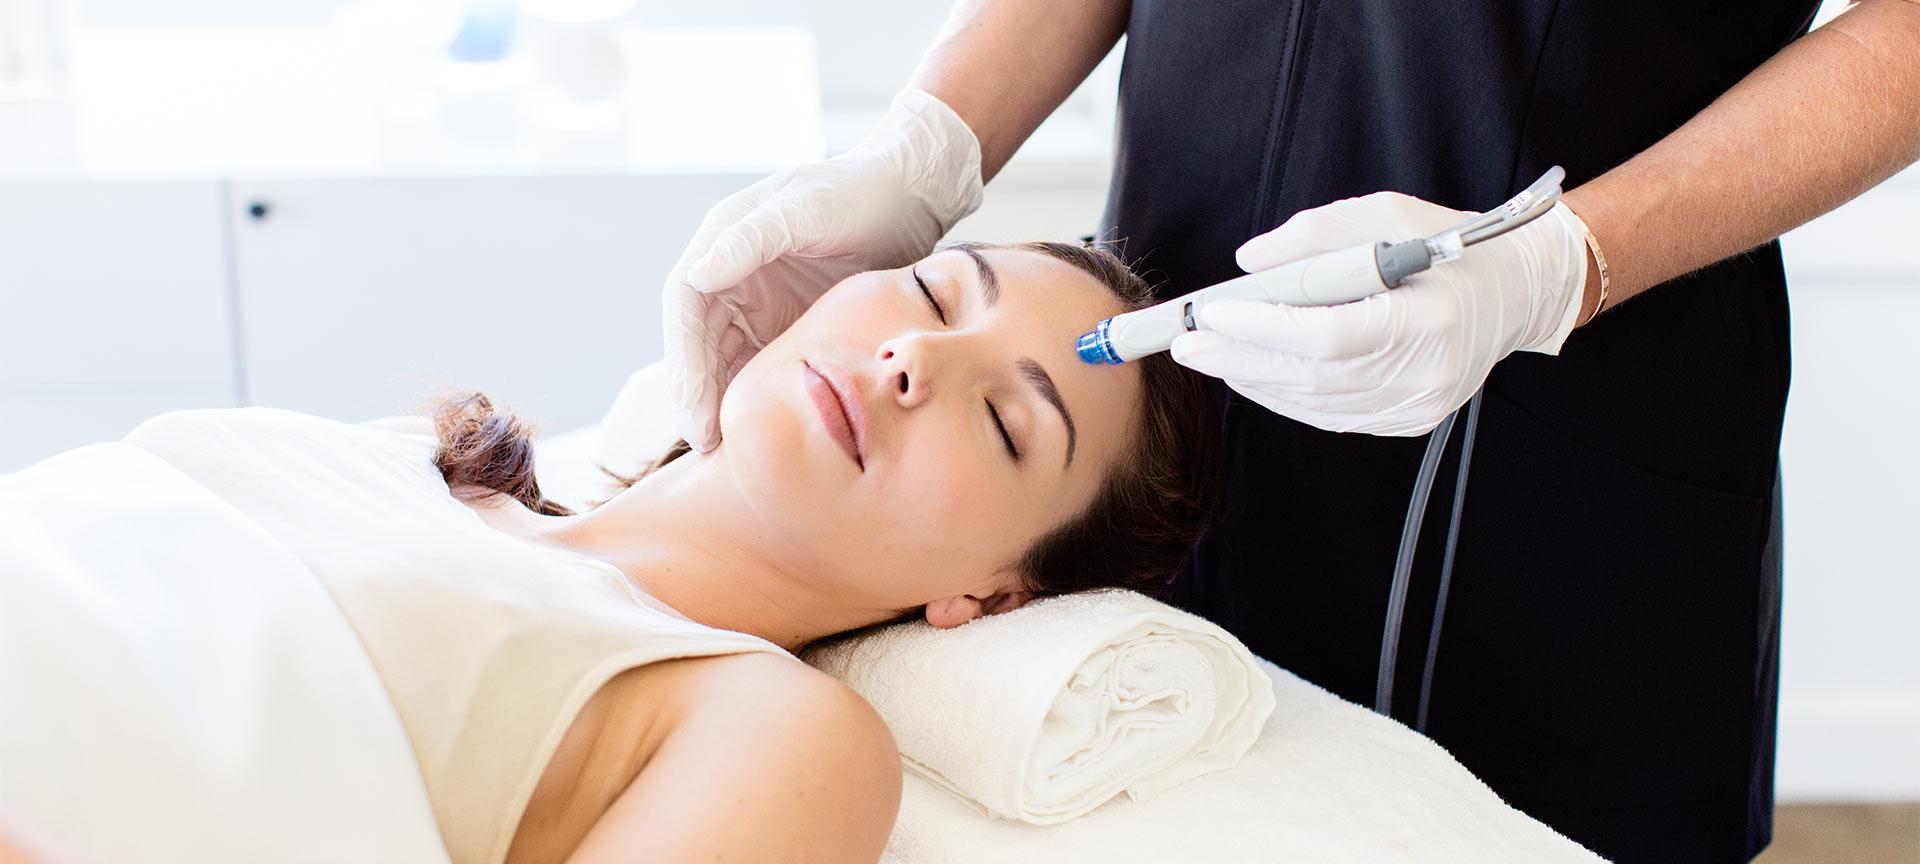 HF Treatment 11 - Феномен HydraFacial: почему все одержимы этой процедурой?